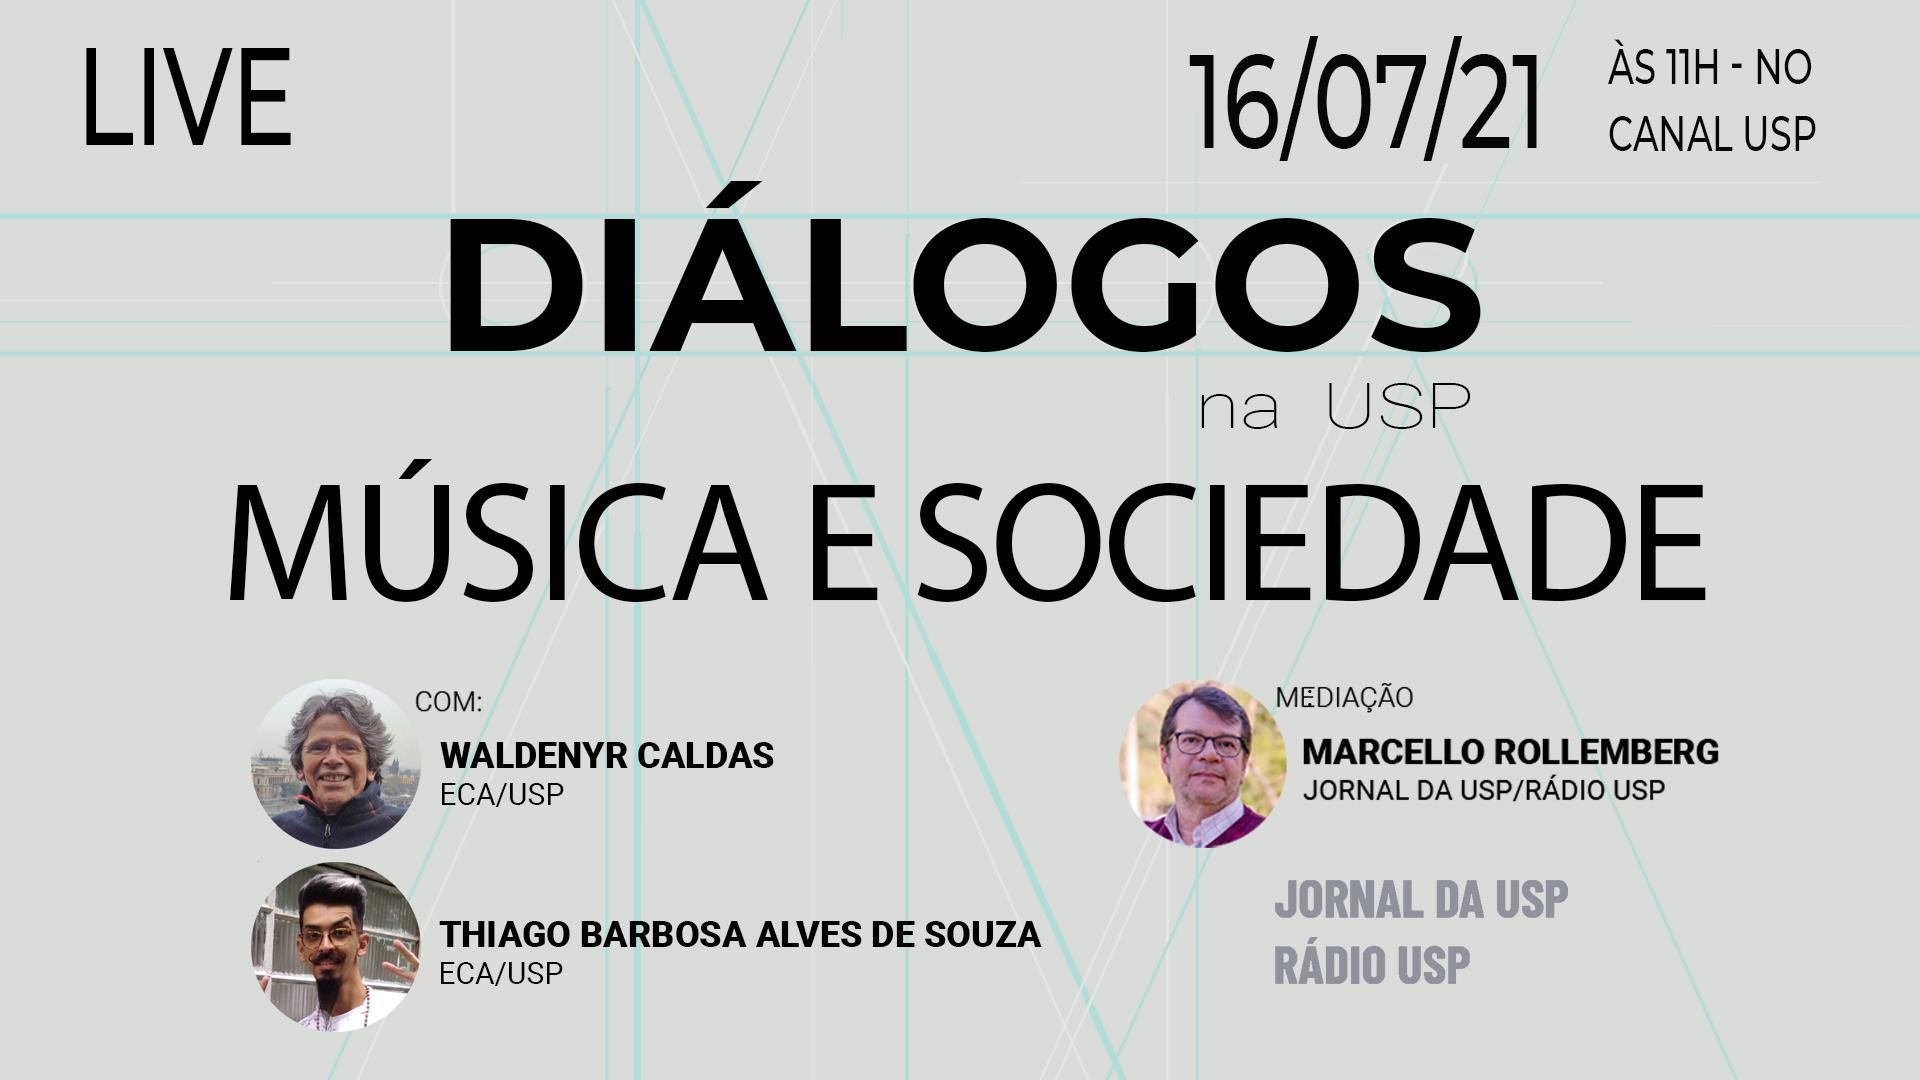 cartaz_Youtube_DIALOGOS_musica-sociedade